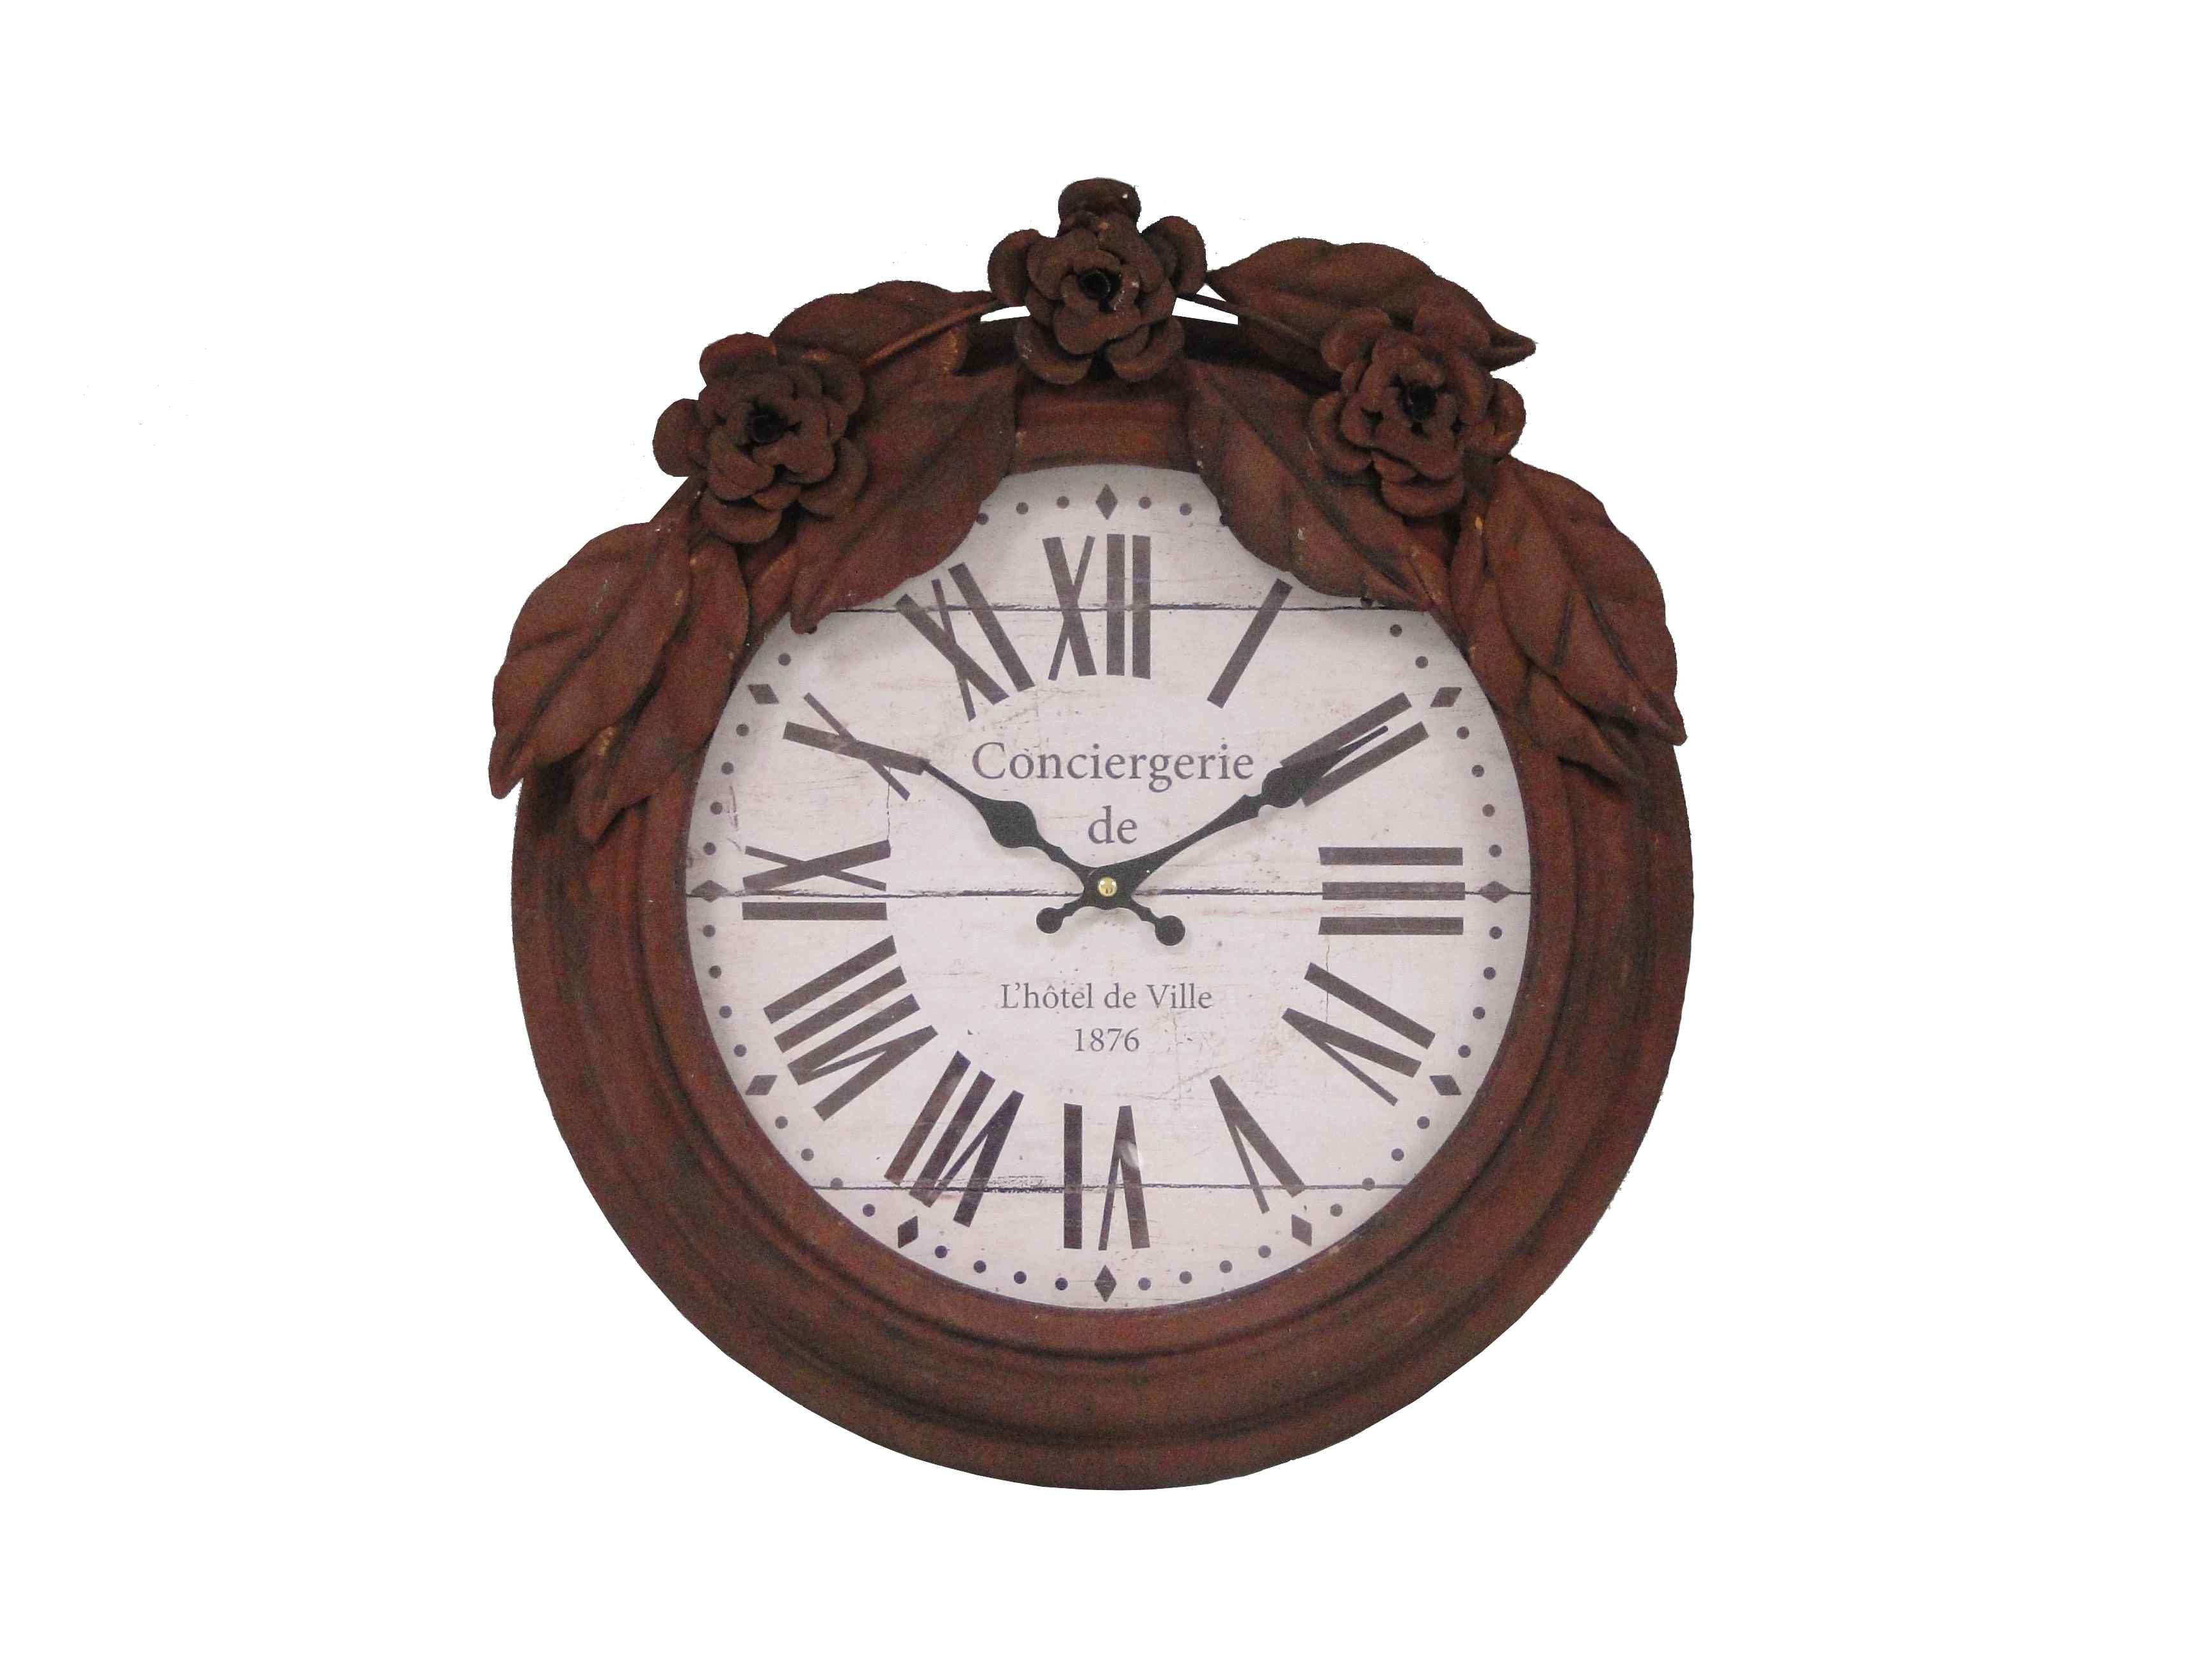 Настенные часы CuisineНастенные часы<br>Батарейки типа AА.<br><br>Material: Железо<br>Length см: None<br>Width см: None<br>Depth см: 5,5<br>Height см: None<br>Diameter см: 44